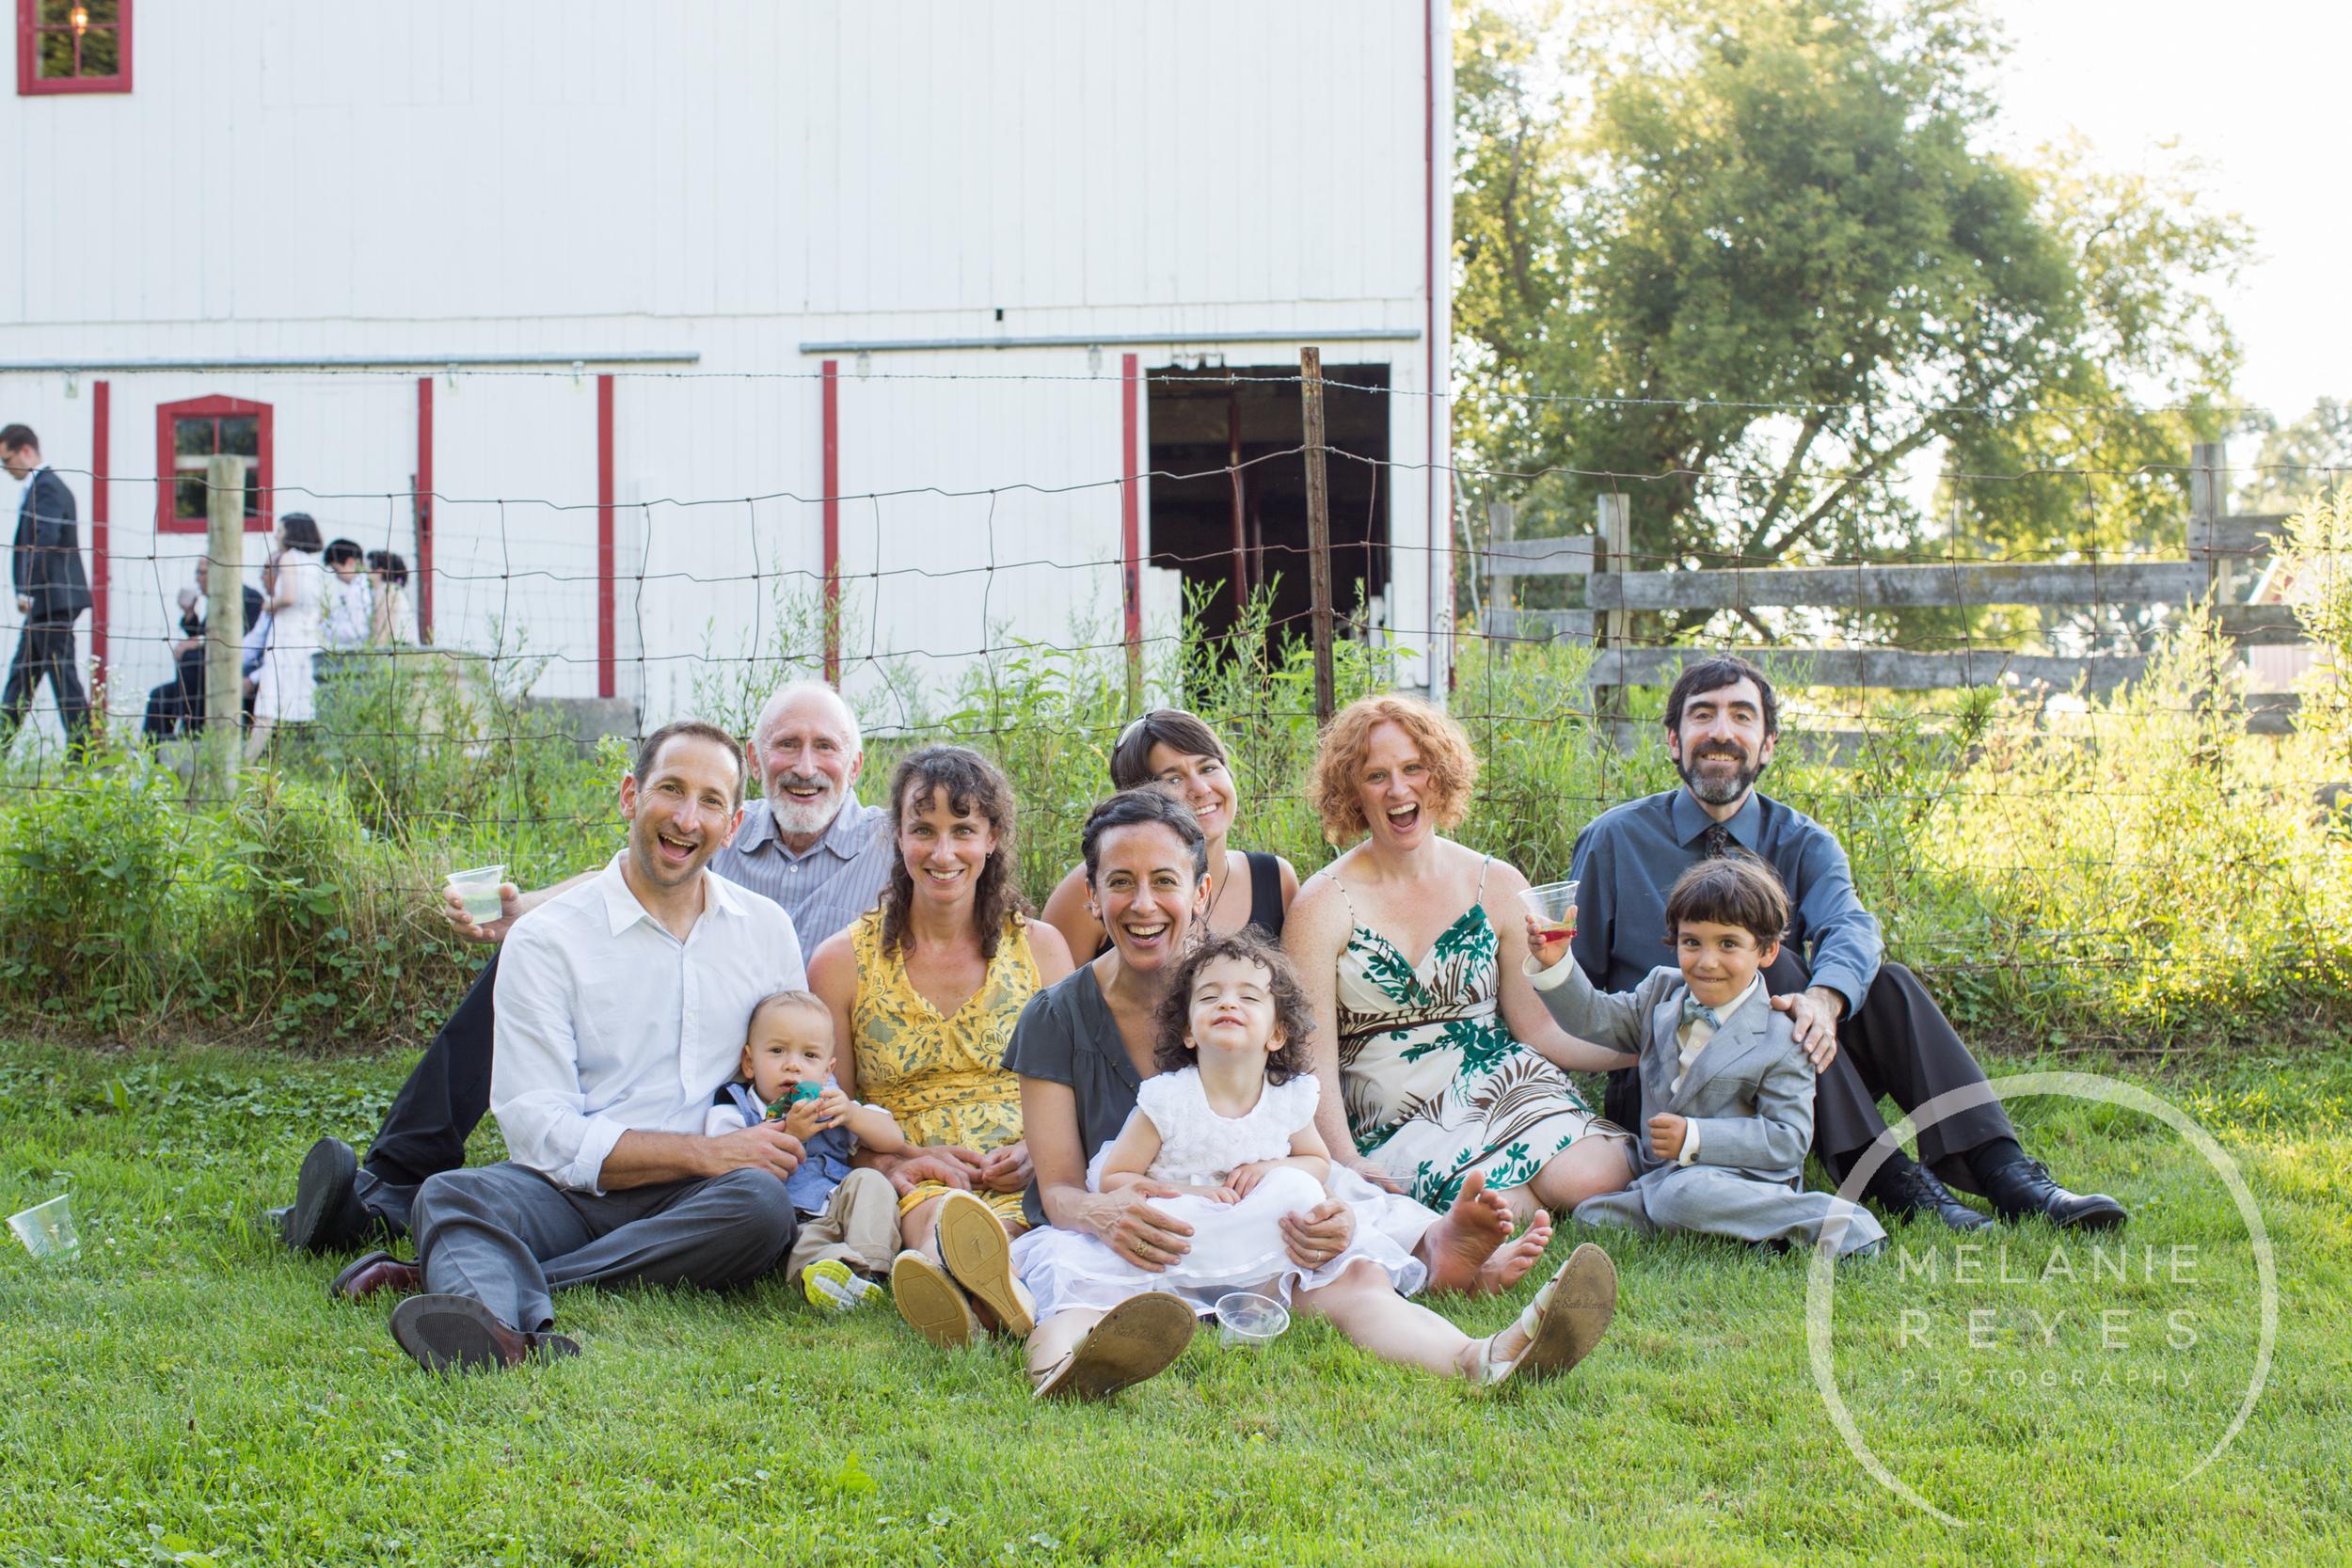 057_farm_wedding_melanie_reyes.JPG